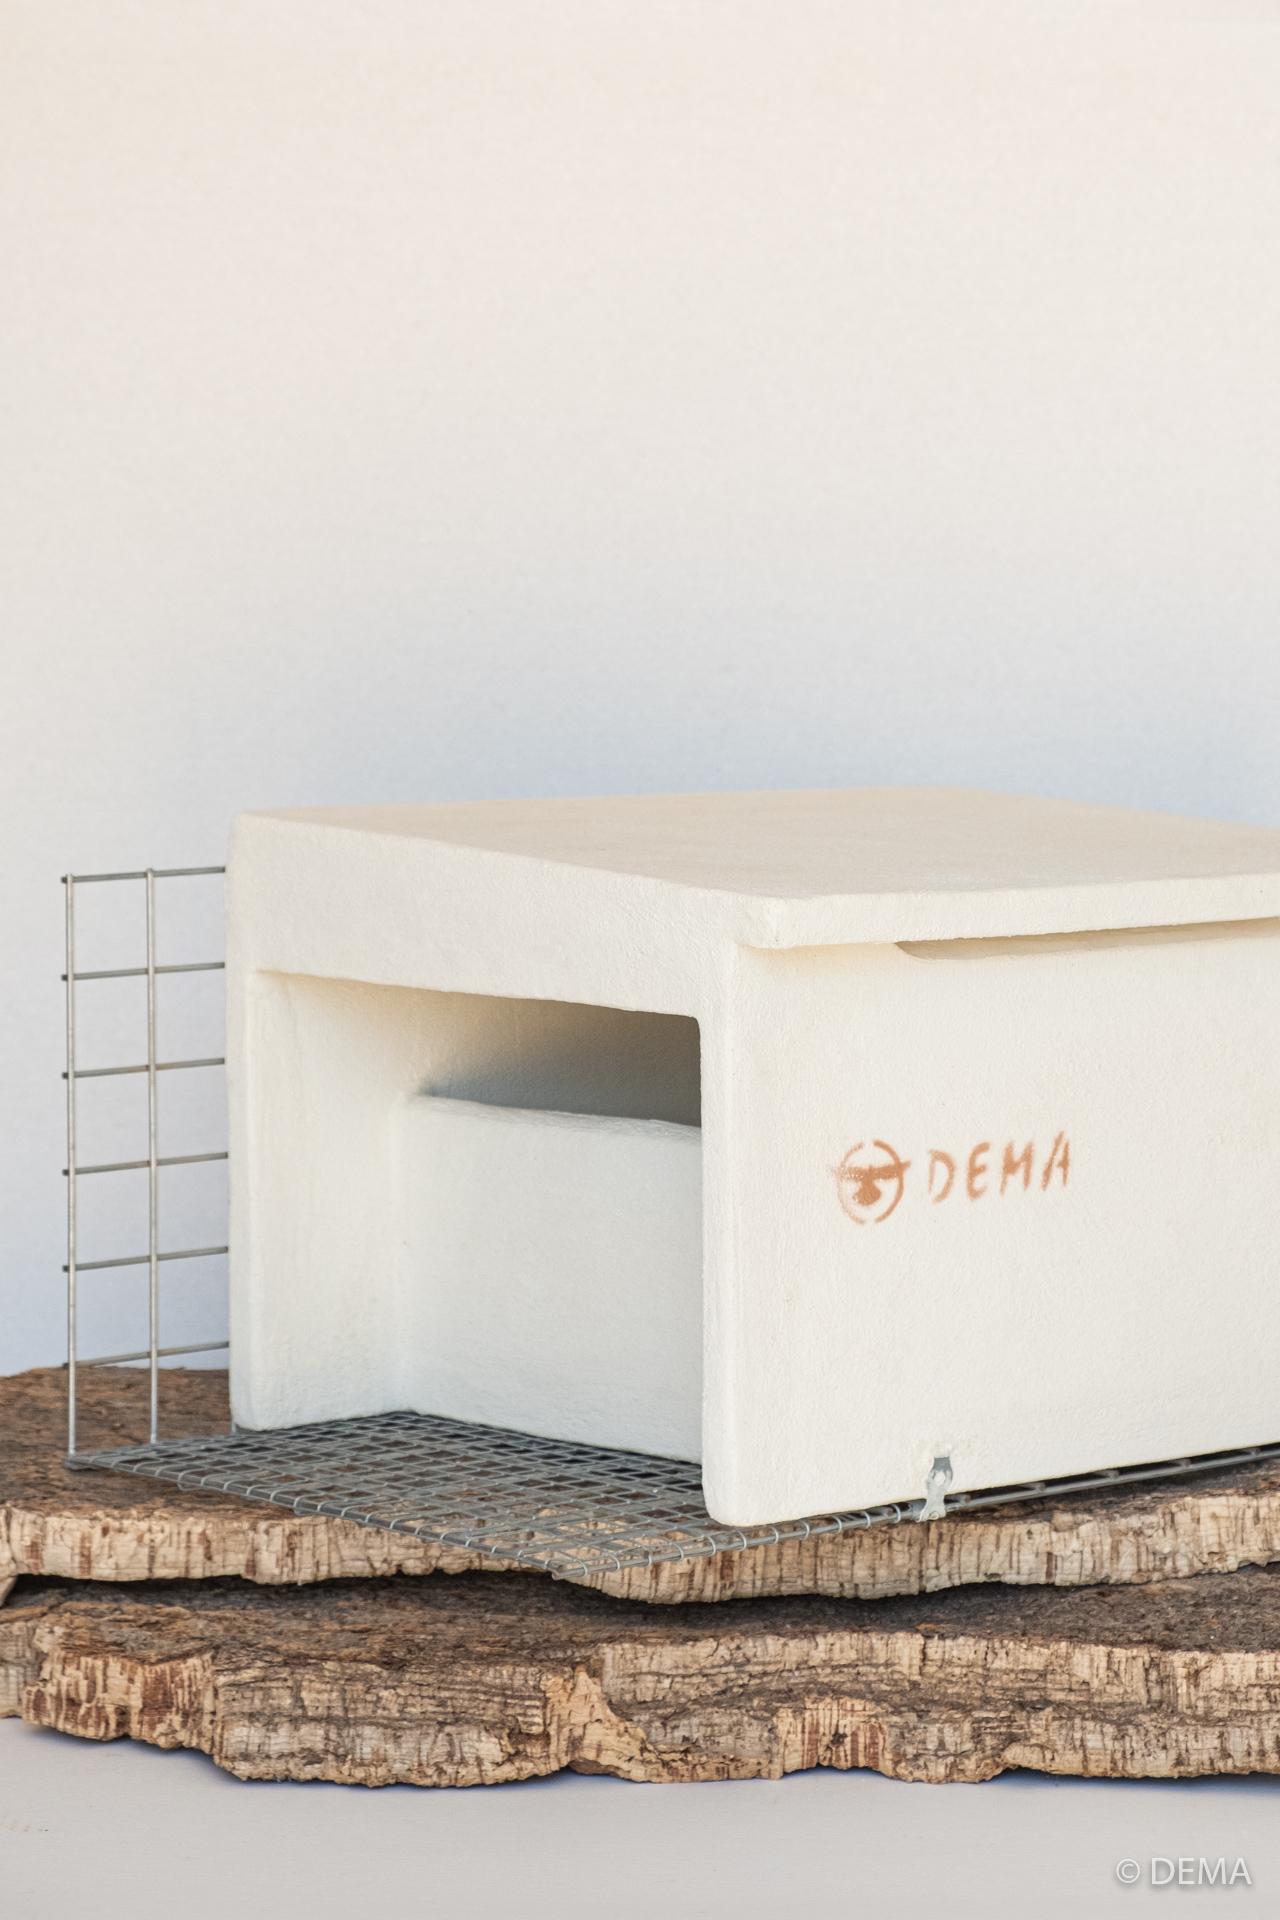 Detalle de un nido de cernícalo común fabricado por DEMA